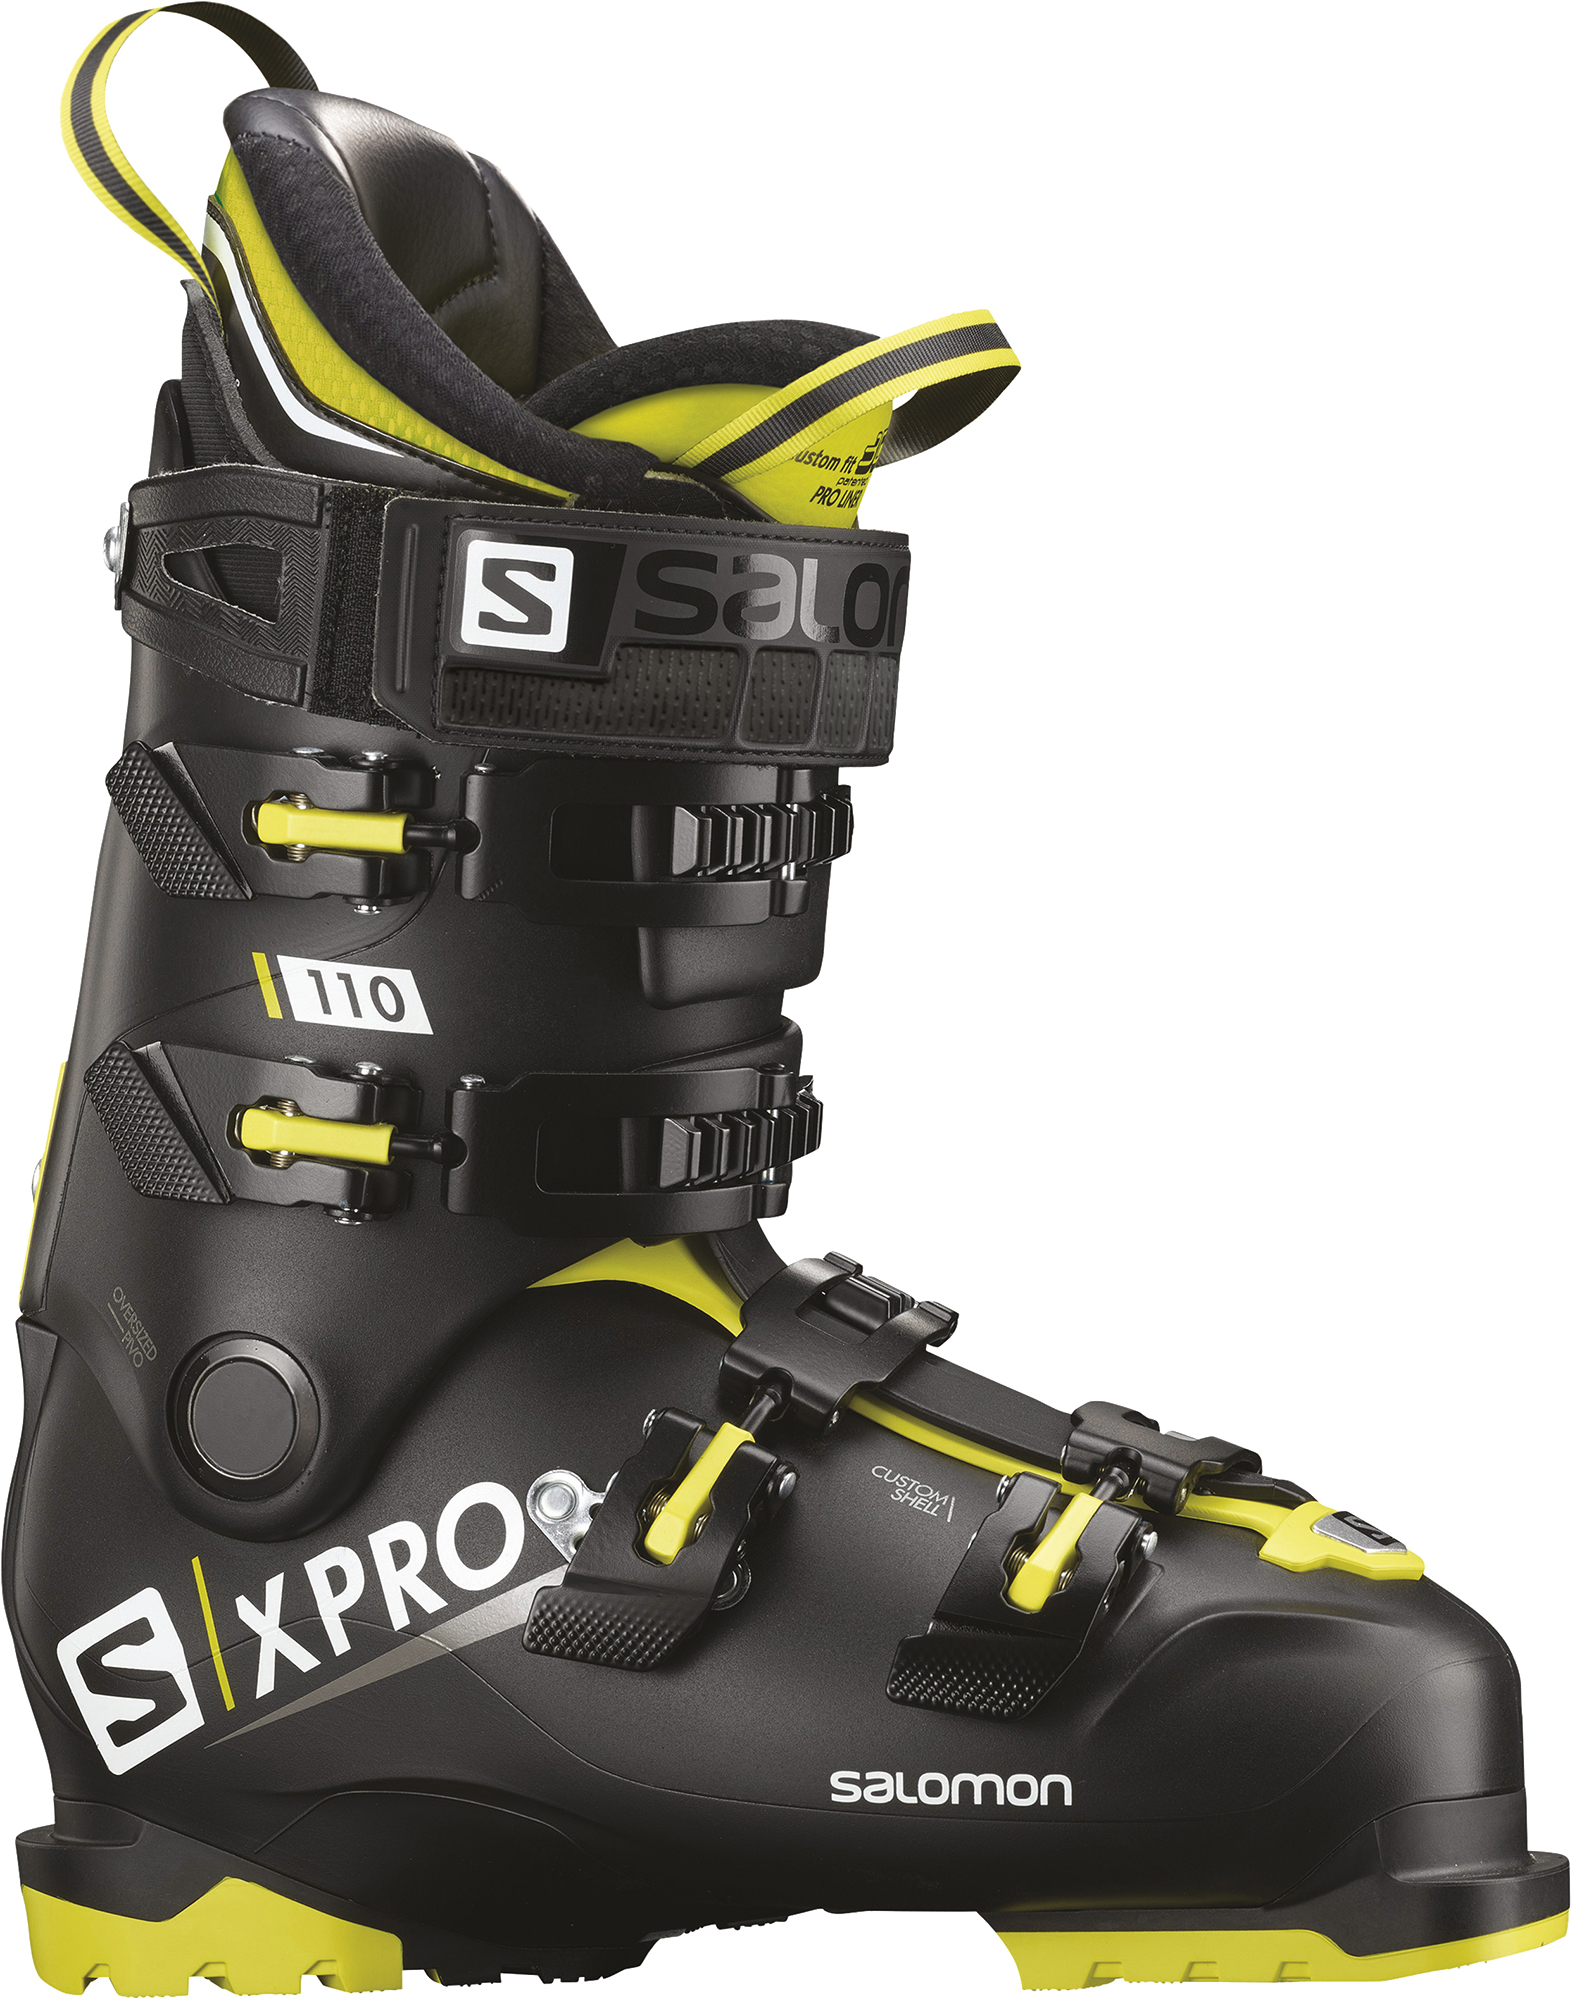 Salomon Ботинки горнолыжные Salomon X PRO 110, размер 45,5 цена